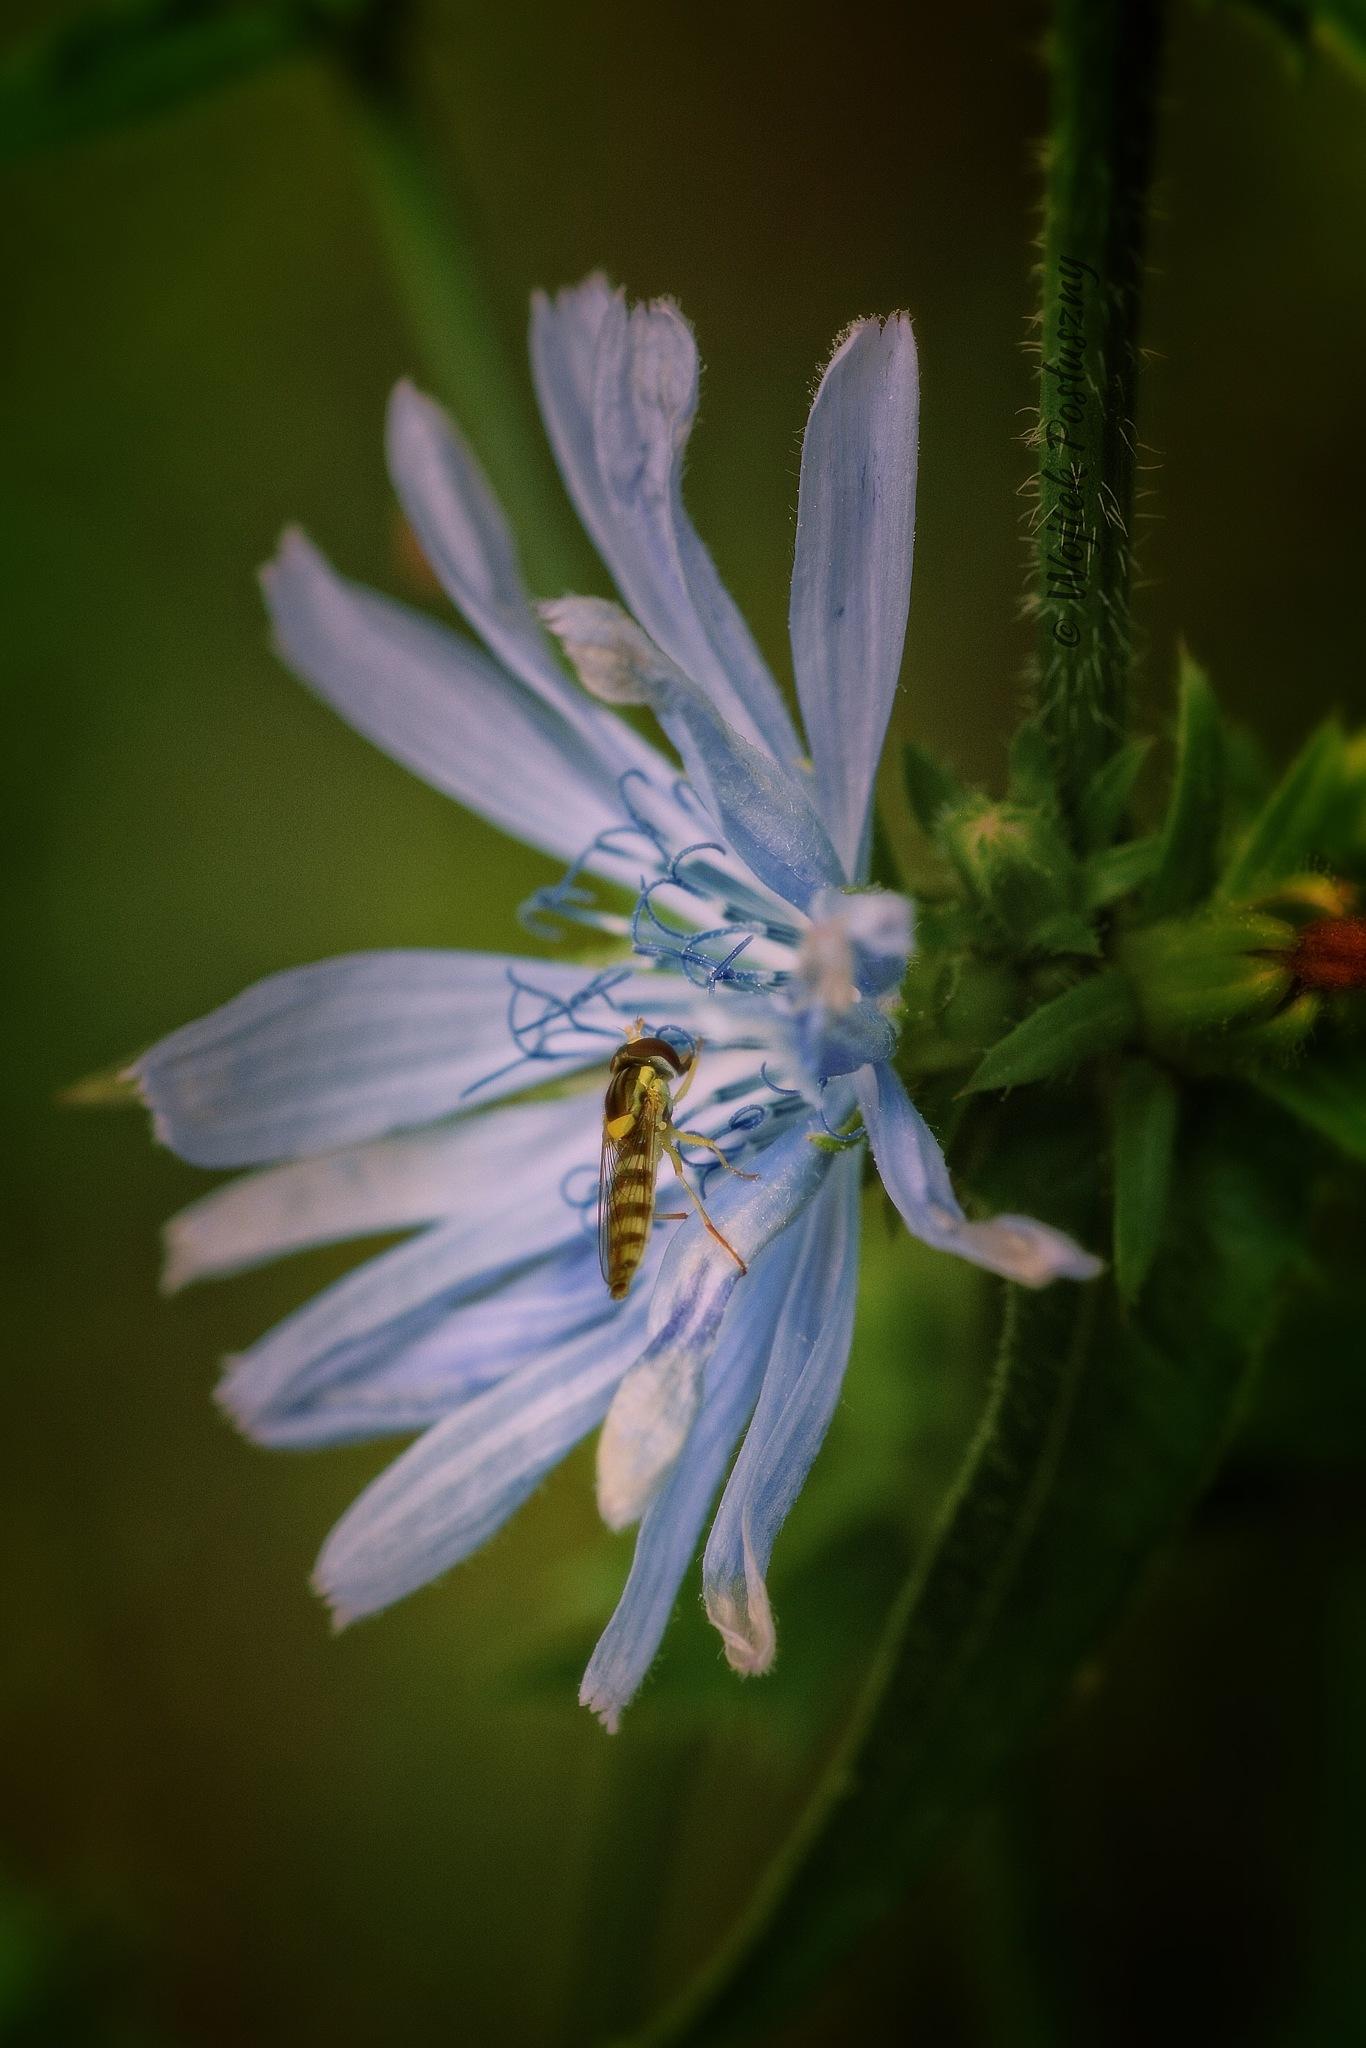 On the flower by Wojtek Posłuszny